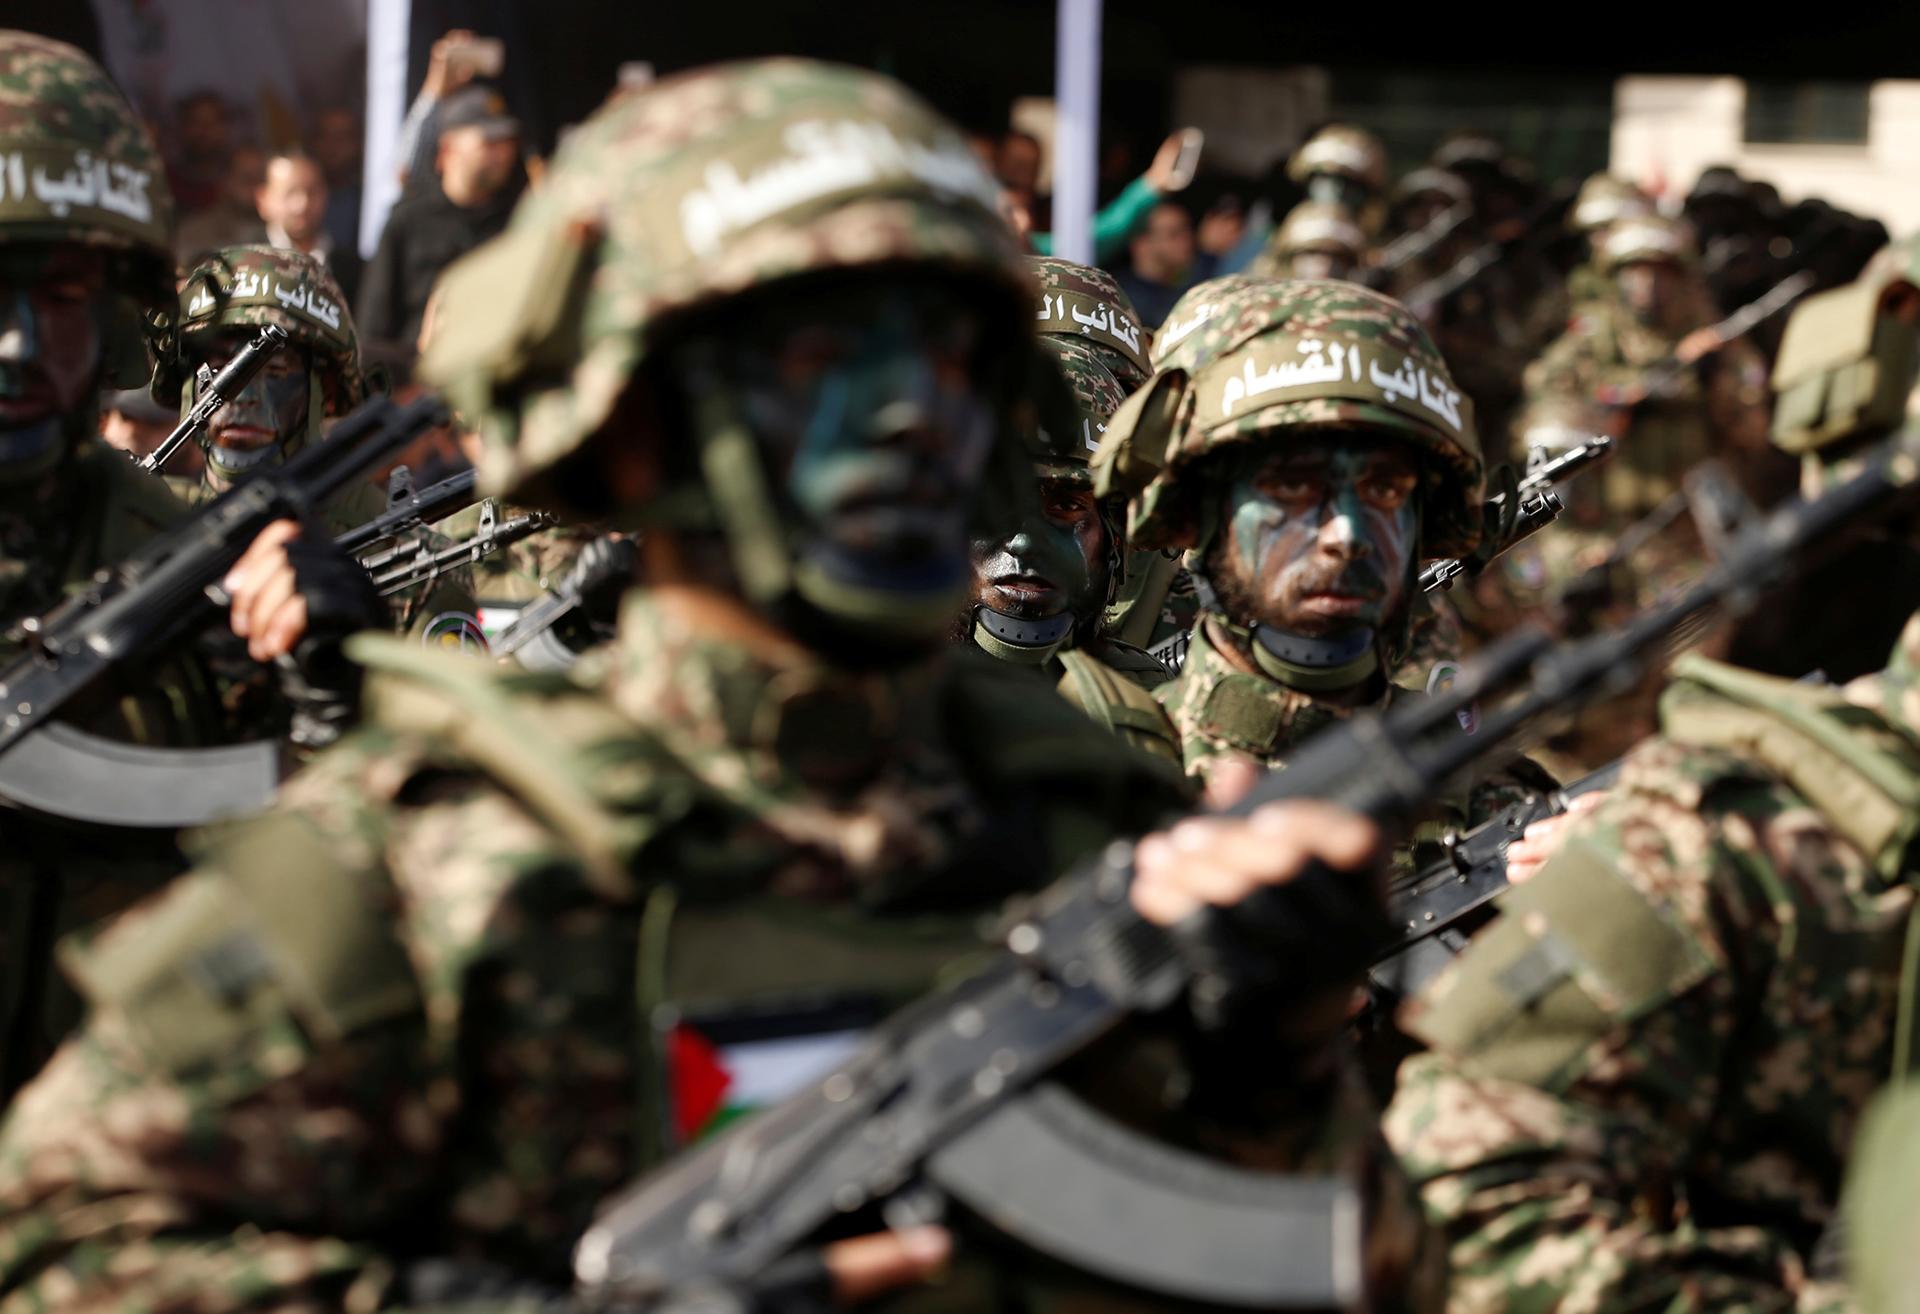 Soldados de Hamas marchando (Reuters)